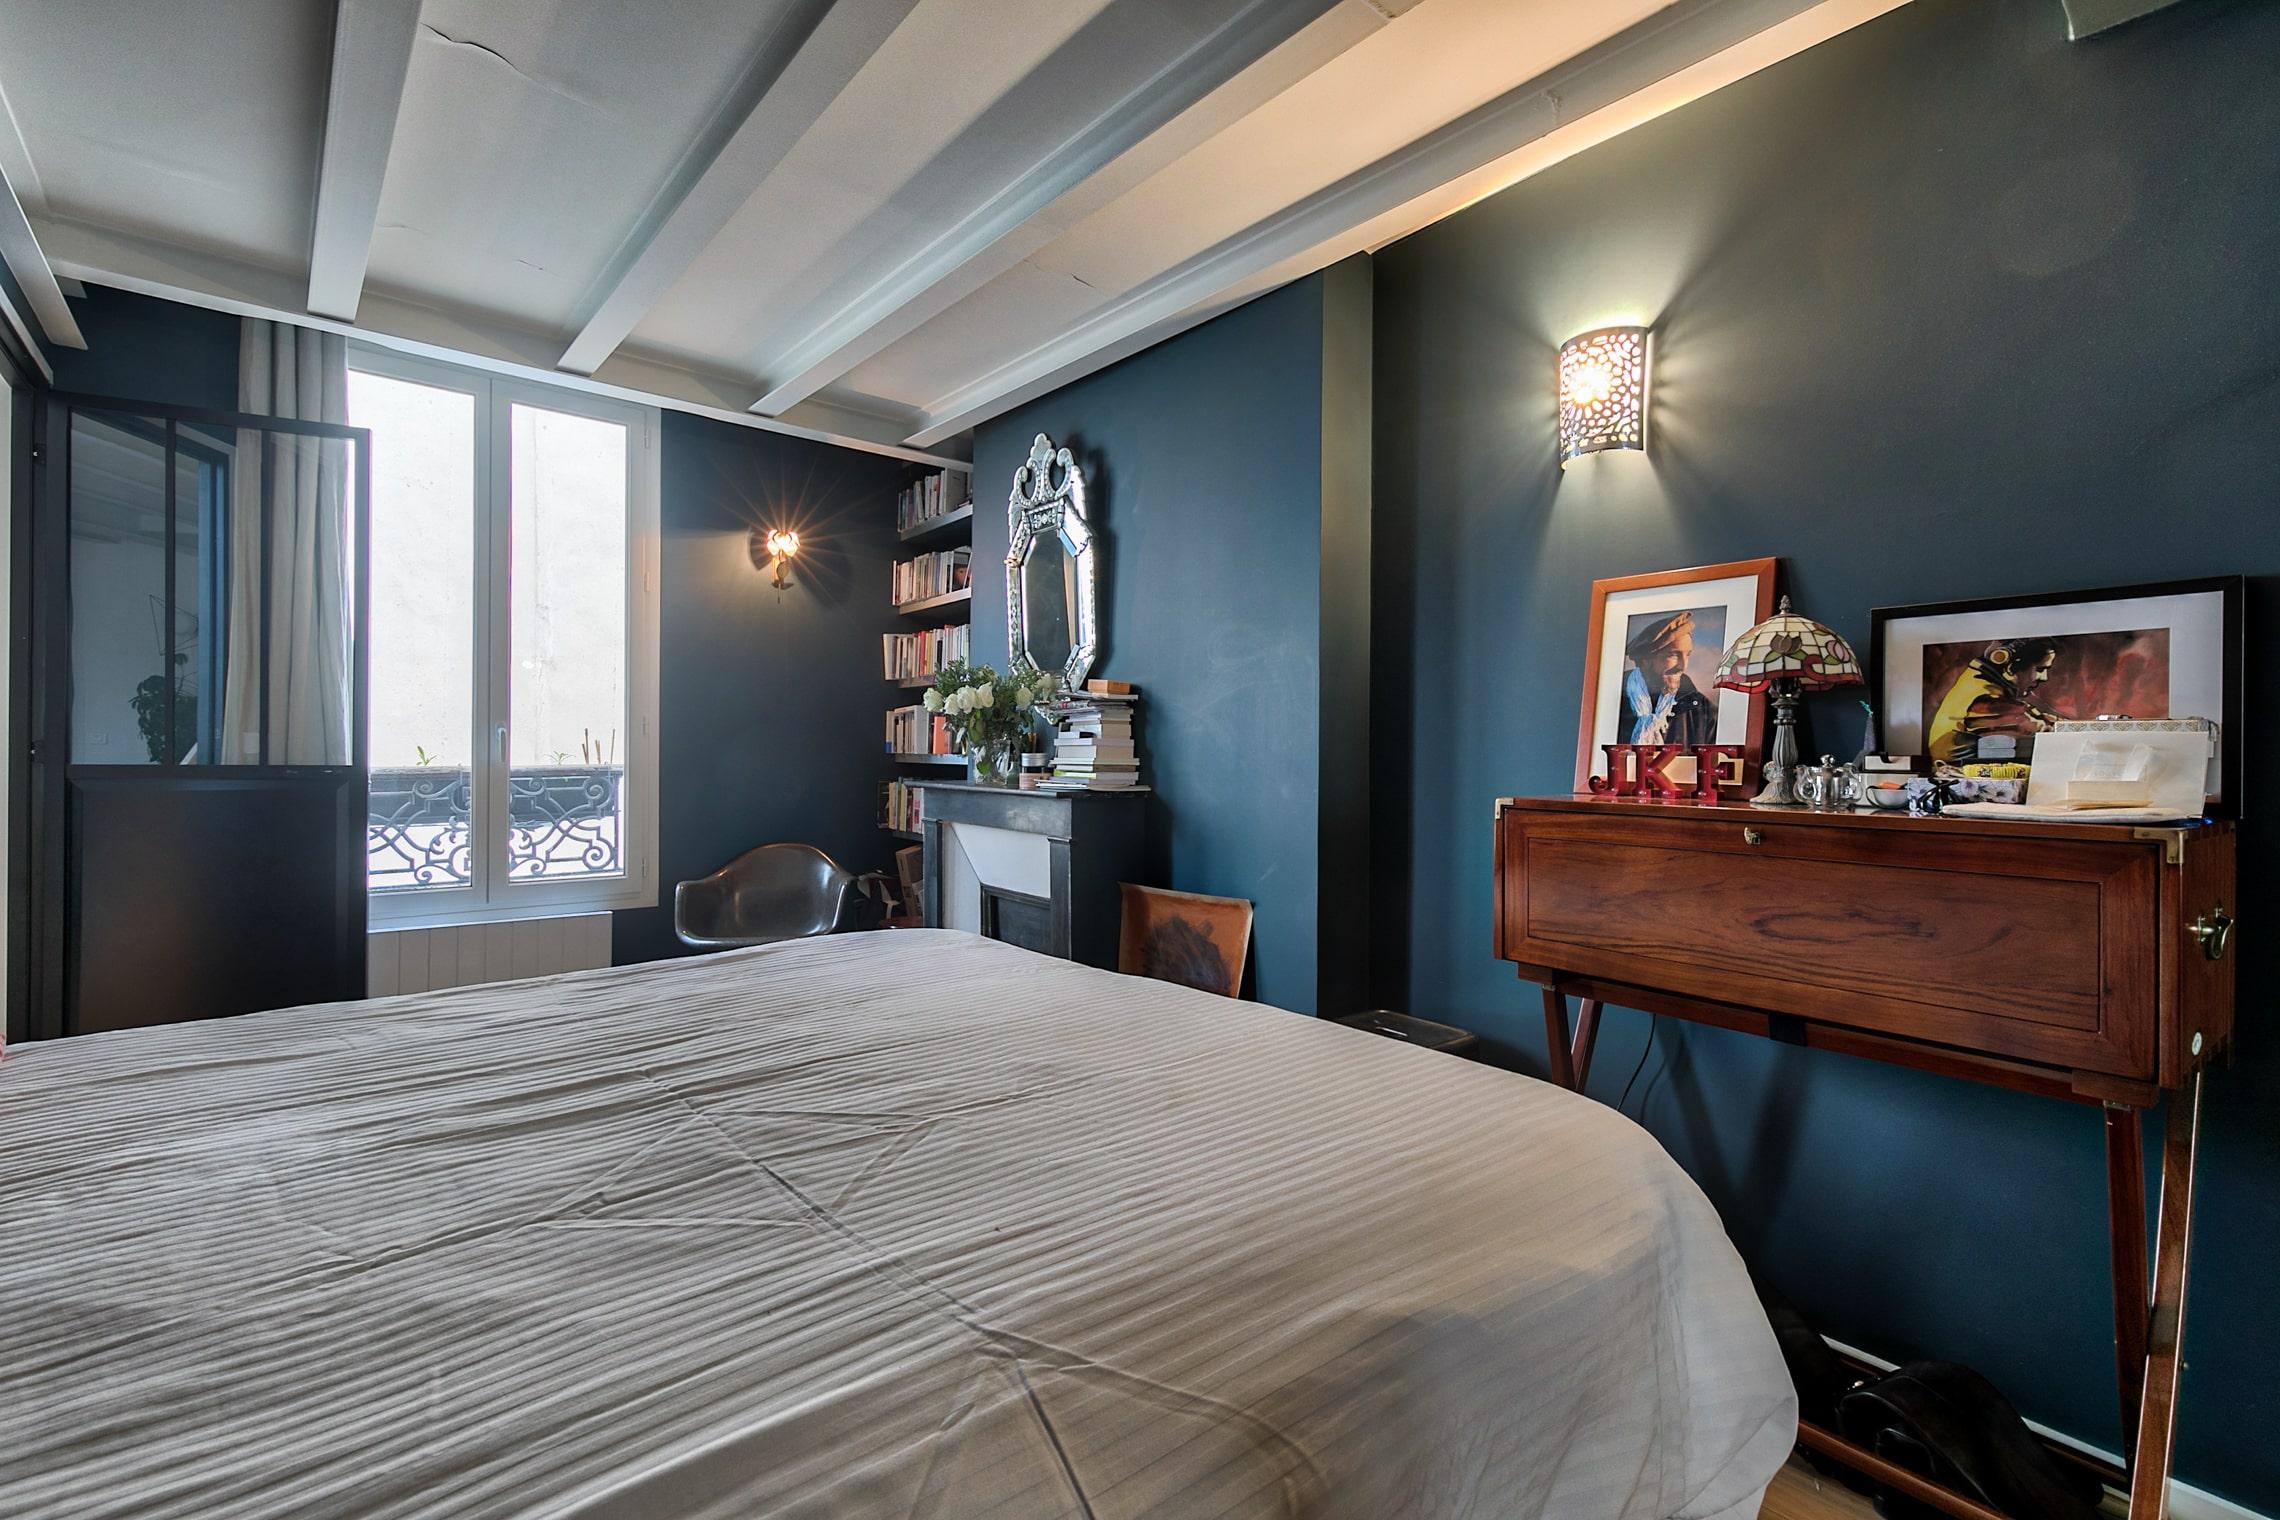 rue-du-temple-paris-03-renovation-appartement-architecture-interieur-favresse-architectes-43-min